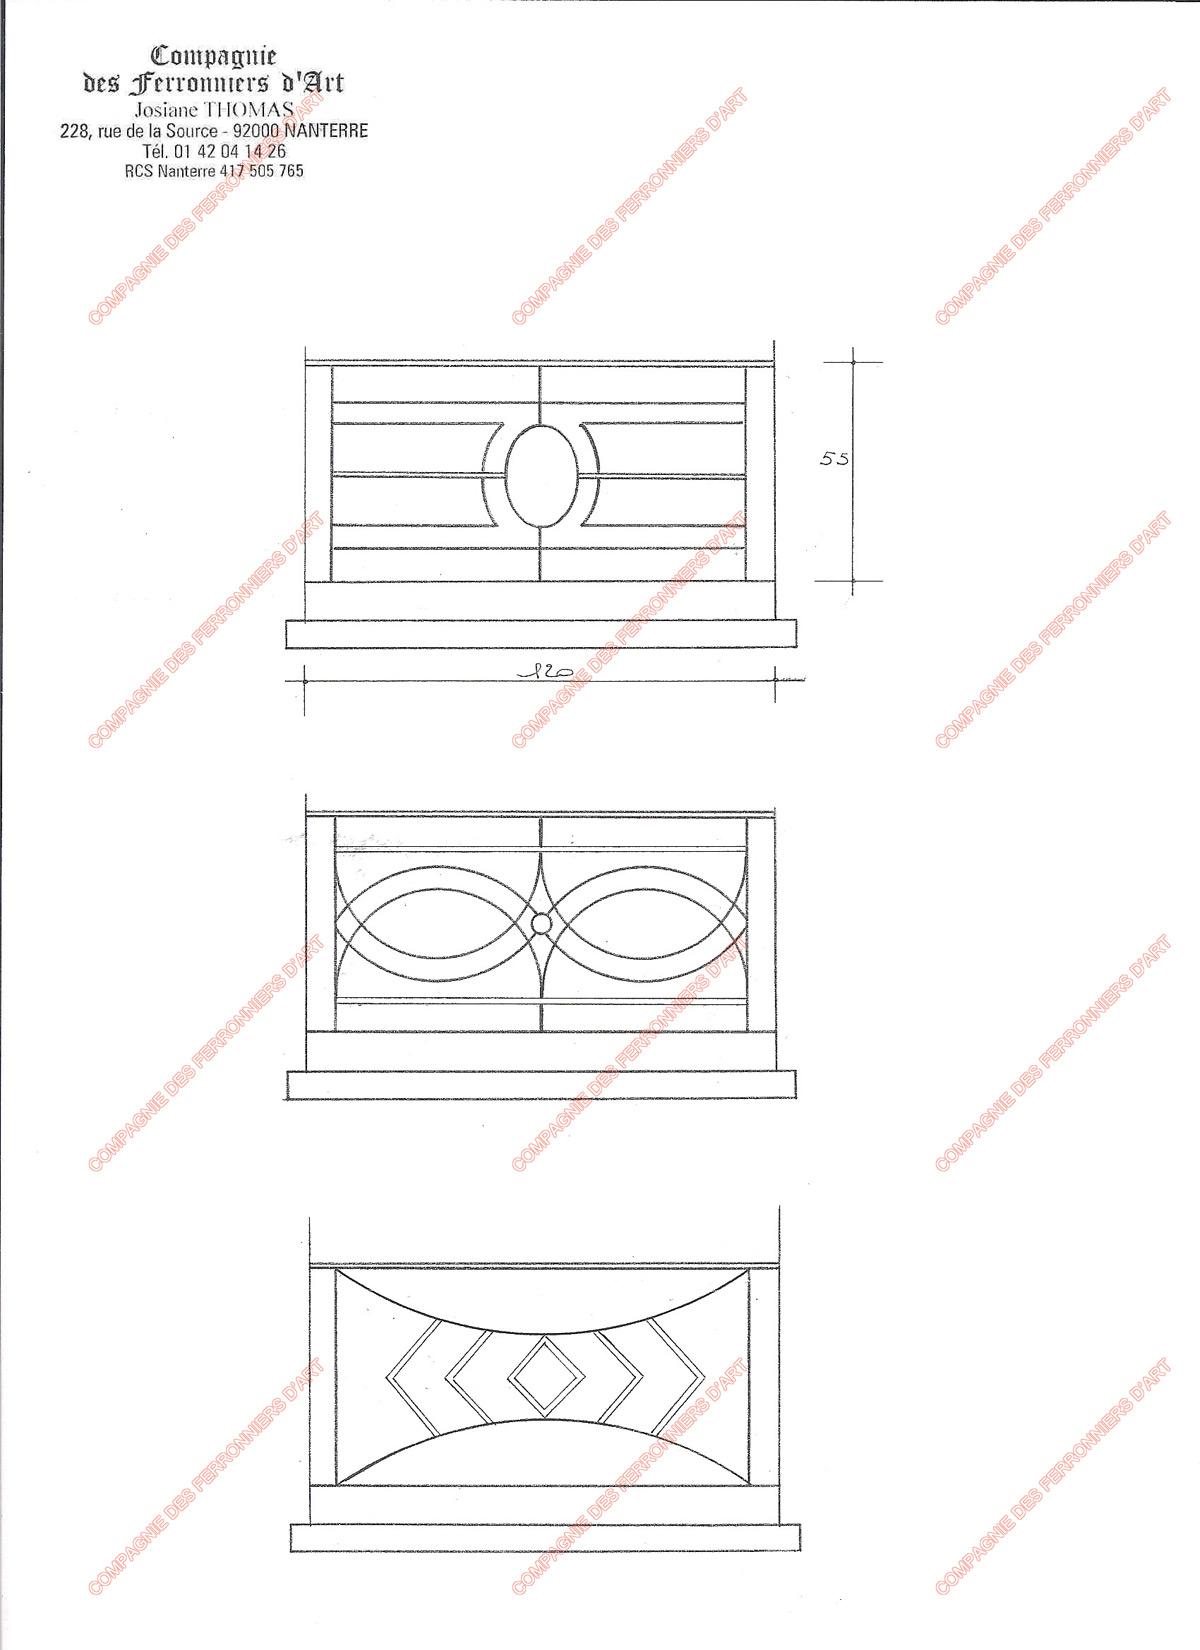 Appuis de fen tre en fer forg modernes mod le afm04 - Modele de fenetre en fer forge ...